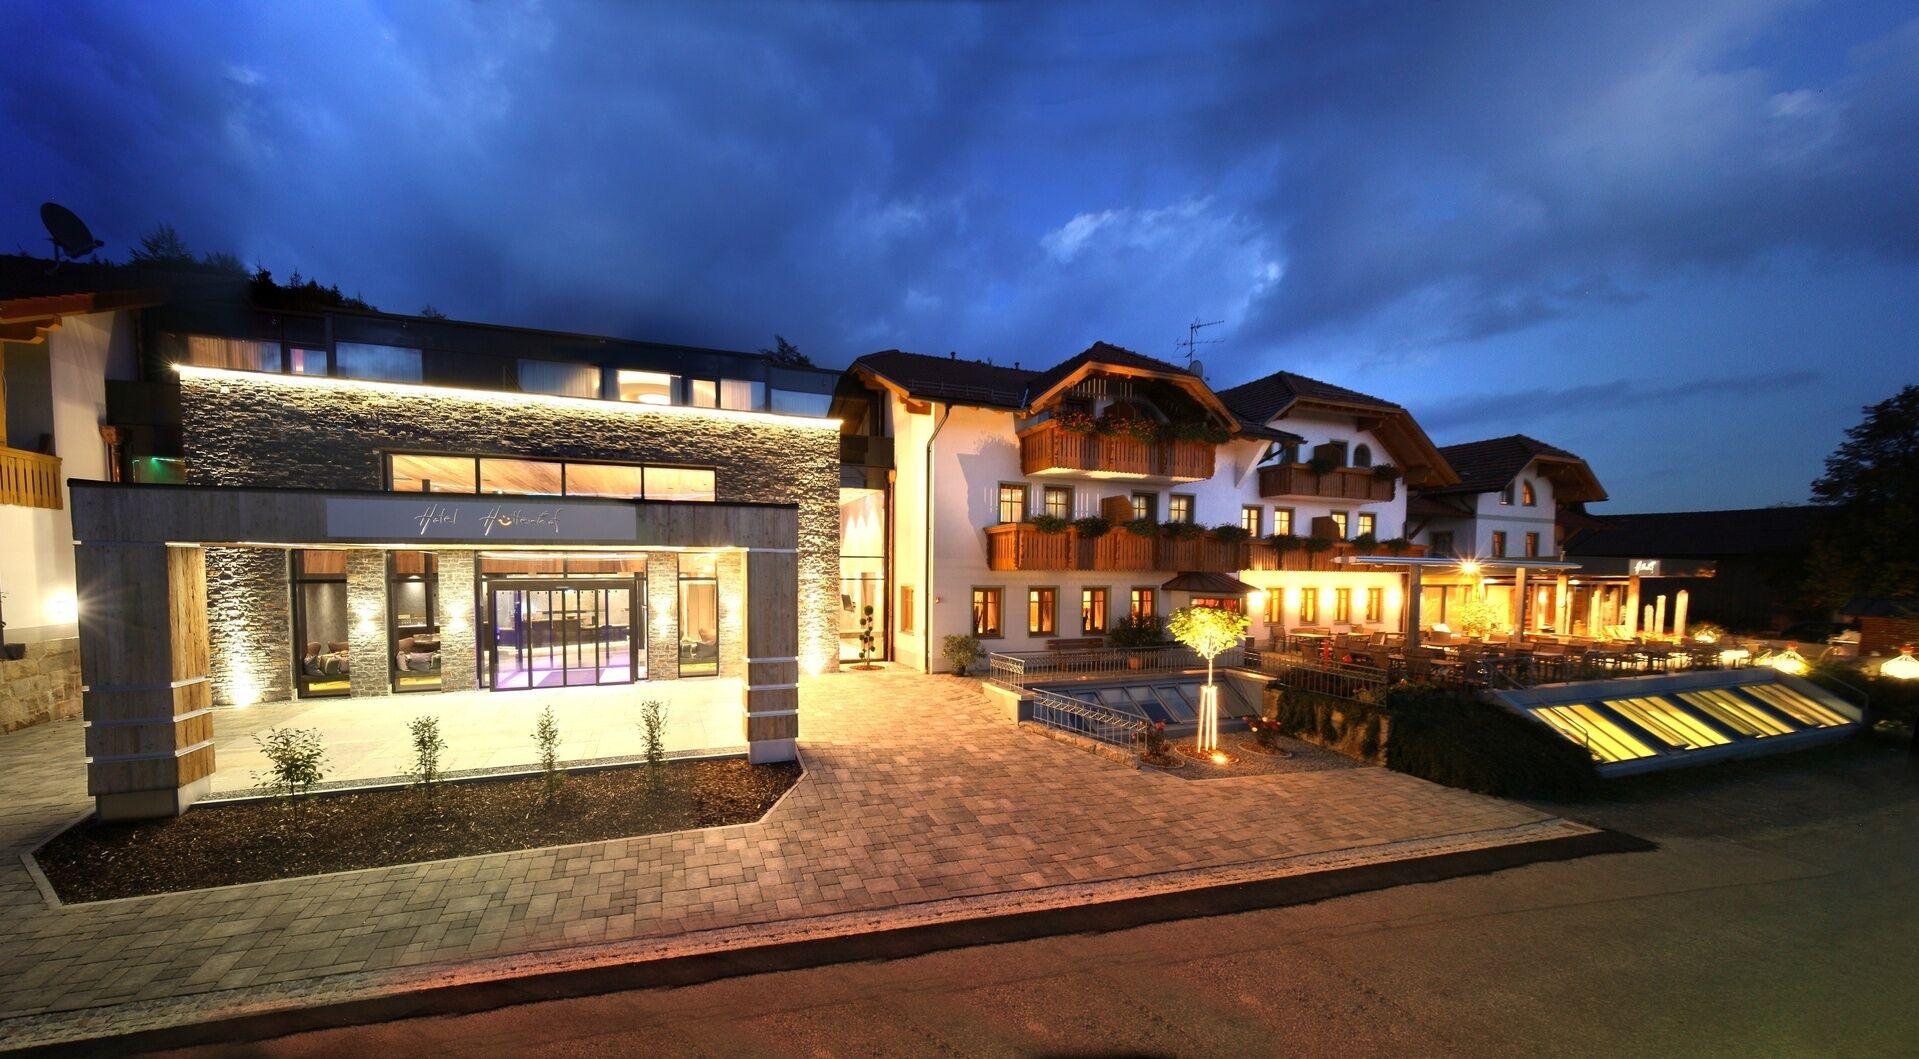 4 sterne wellnesshotel h ttenhof hotels bayerischer wald for Design budget hotel salinenparc 0 sterne